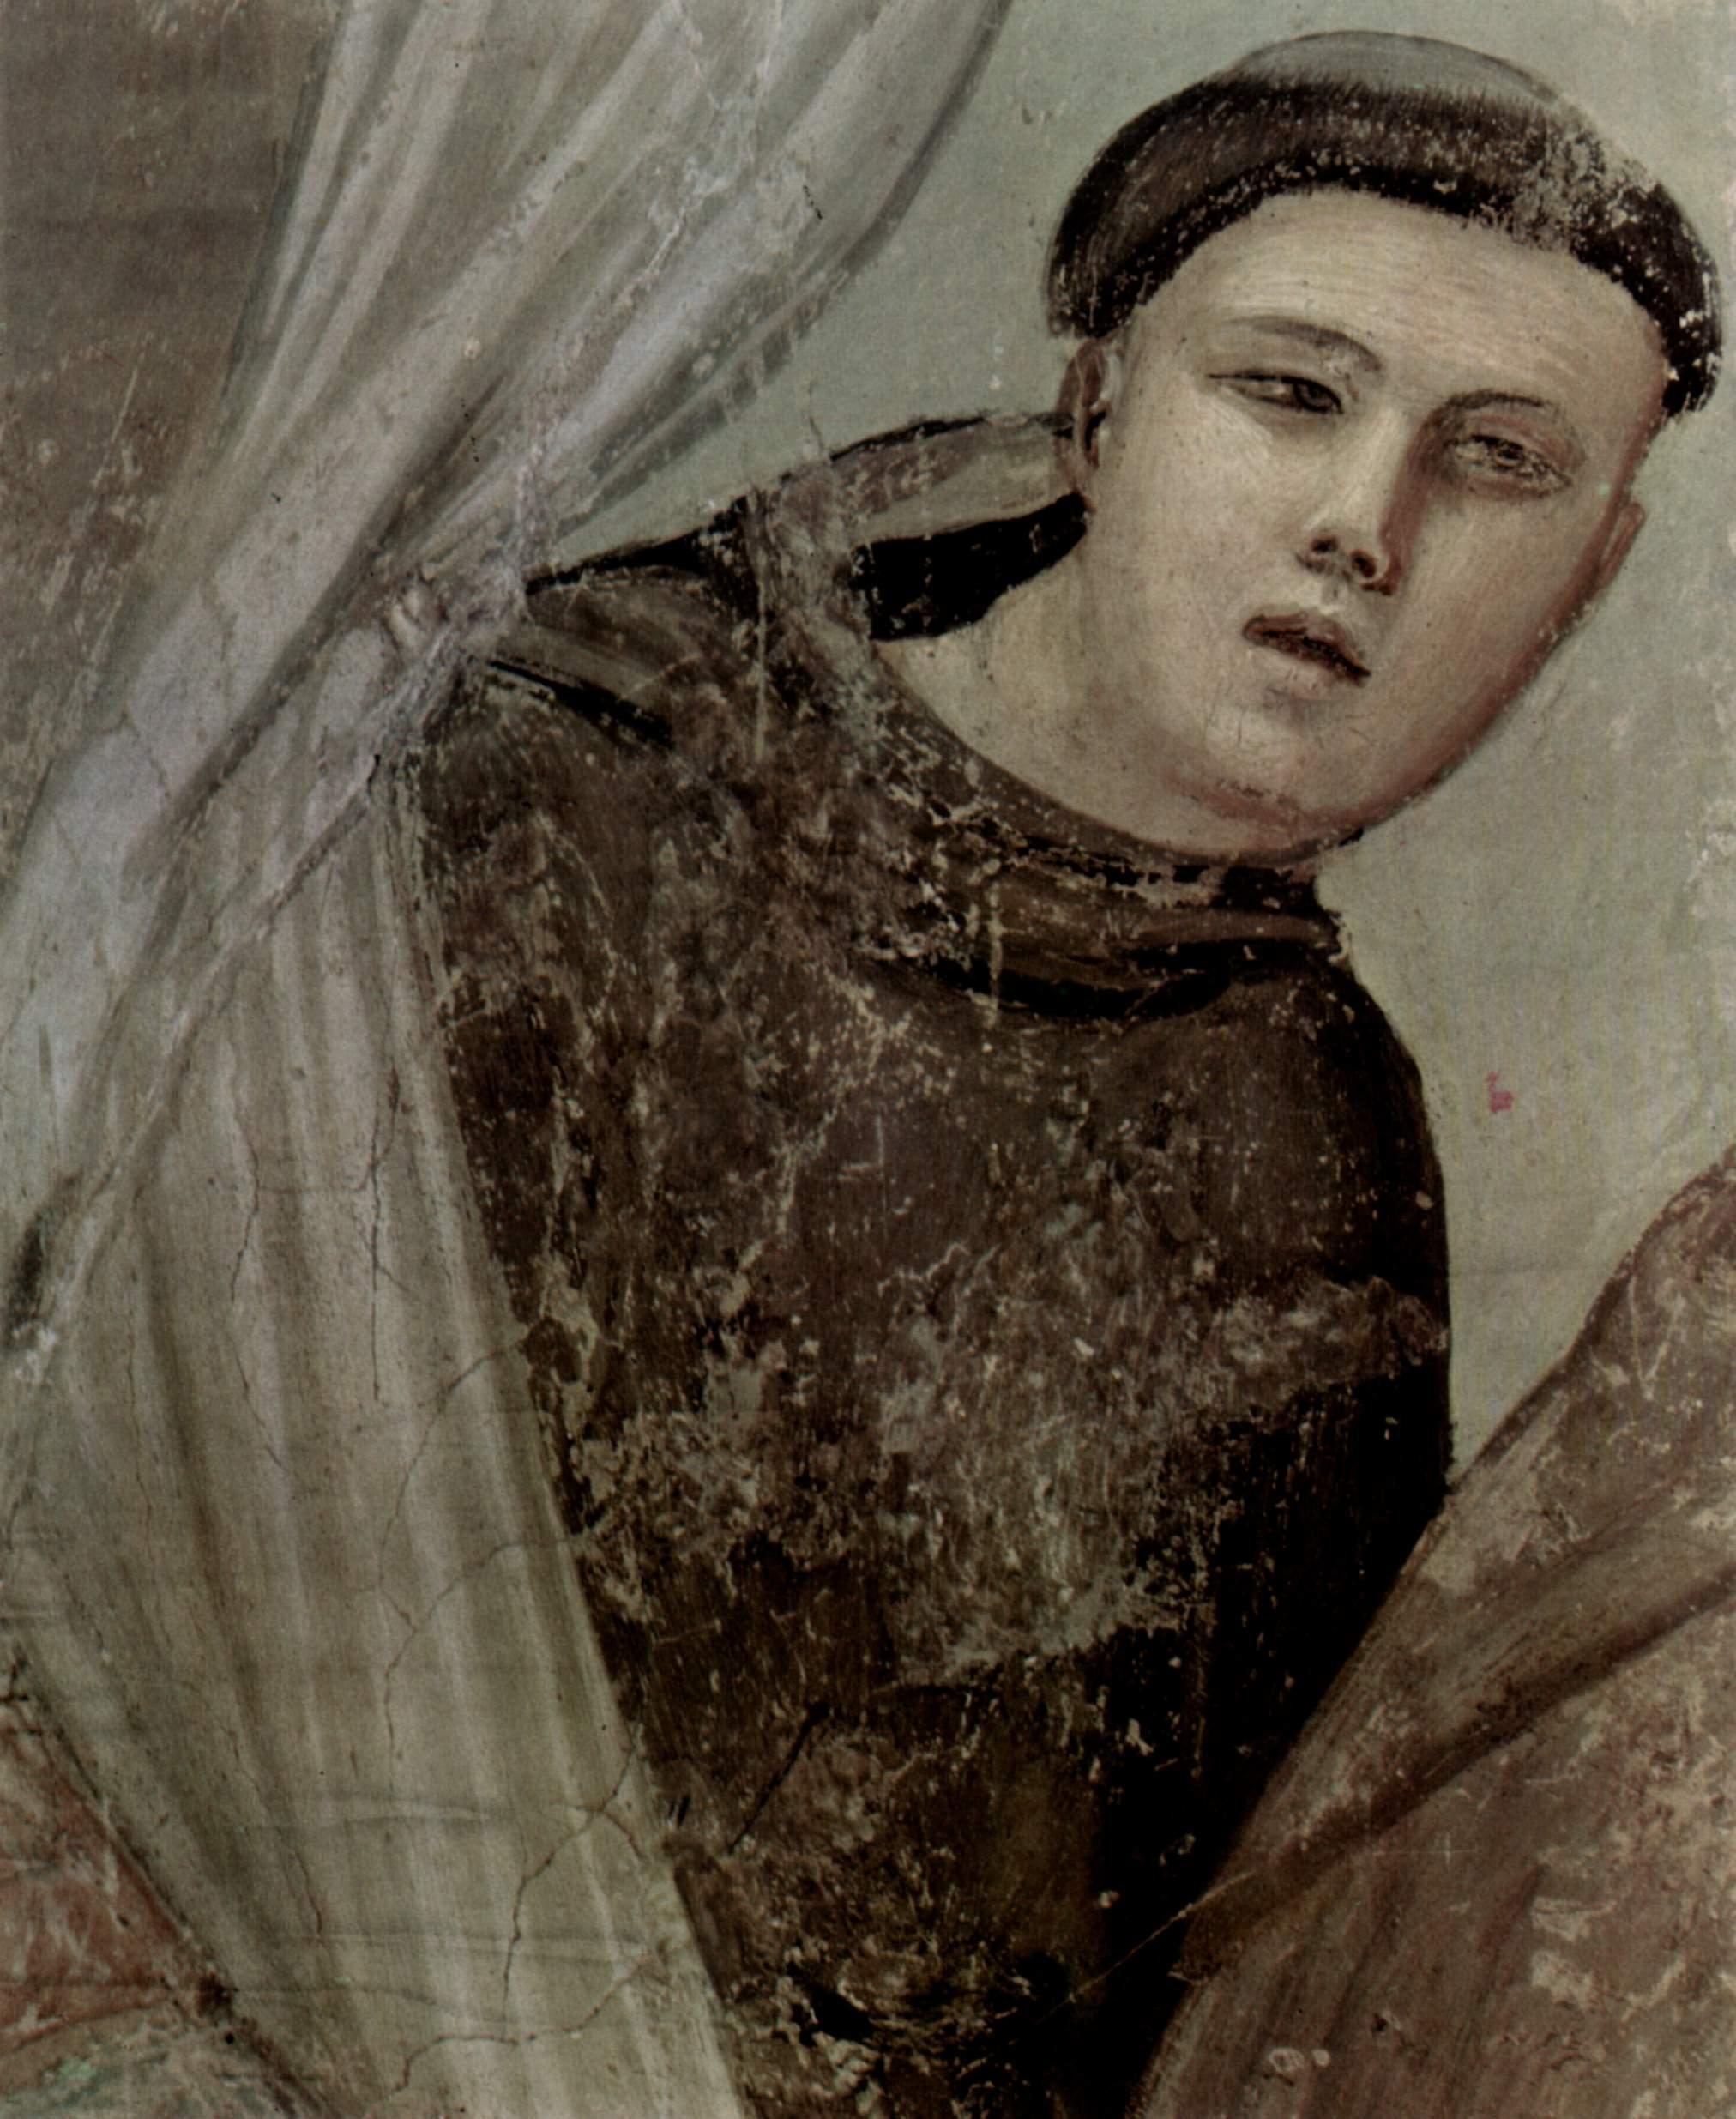 Цикл фресок из жизни св. Франциска, капелла Барди [08]. Санта Кроче во Флоренции. Подтверждение стиг, Джотто ди Бондоне